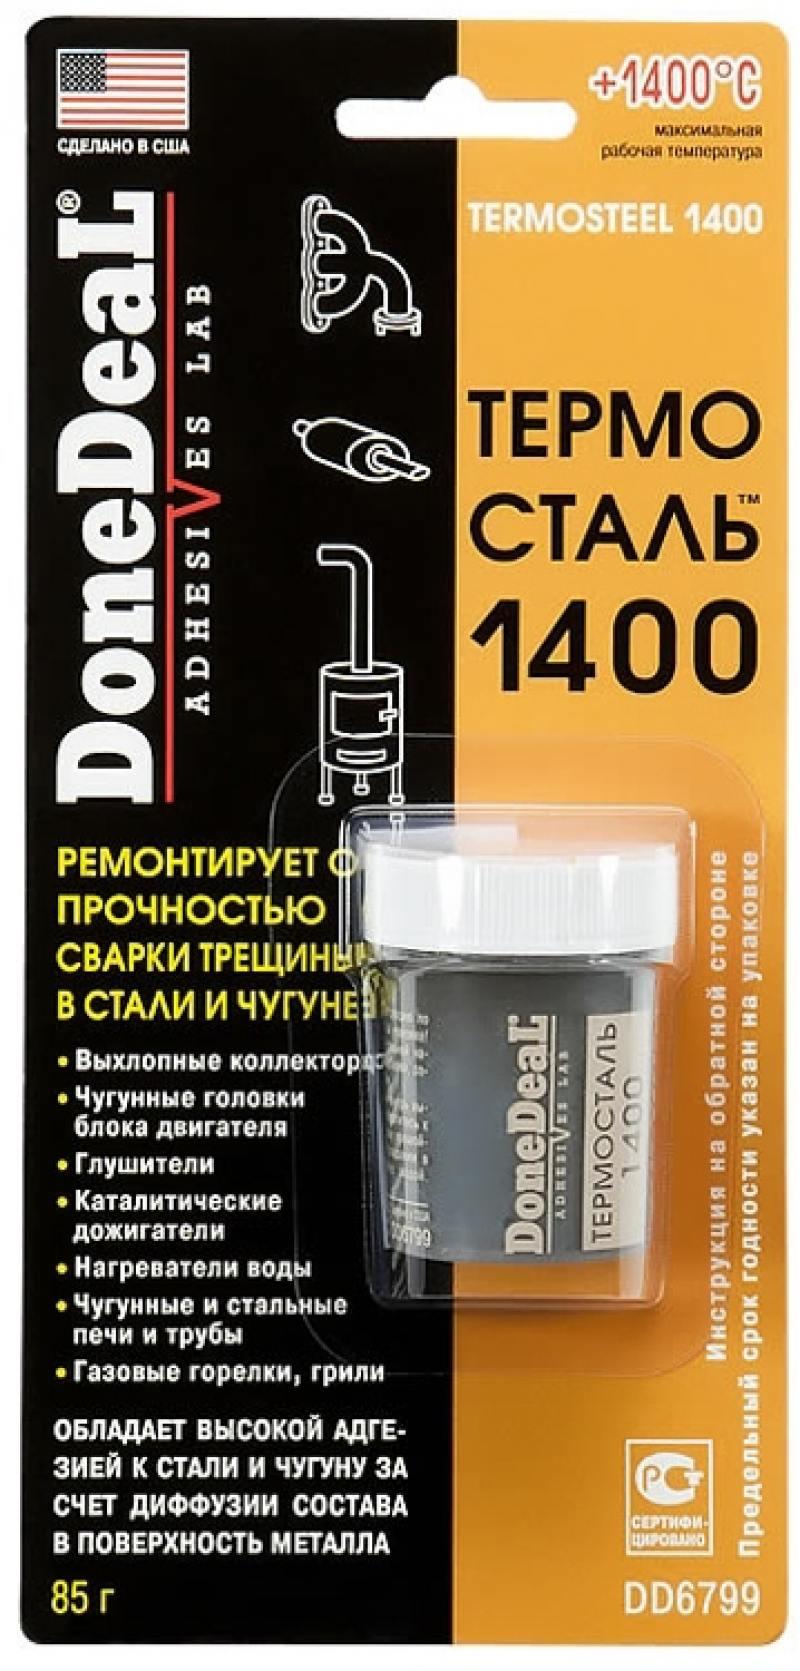 Герметик Done Deal DD 6799 Термосталь набор для ремонта камер и надувных резиновых изделий done deal dd 0332